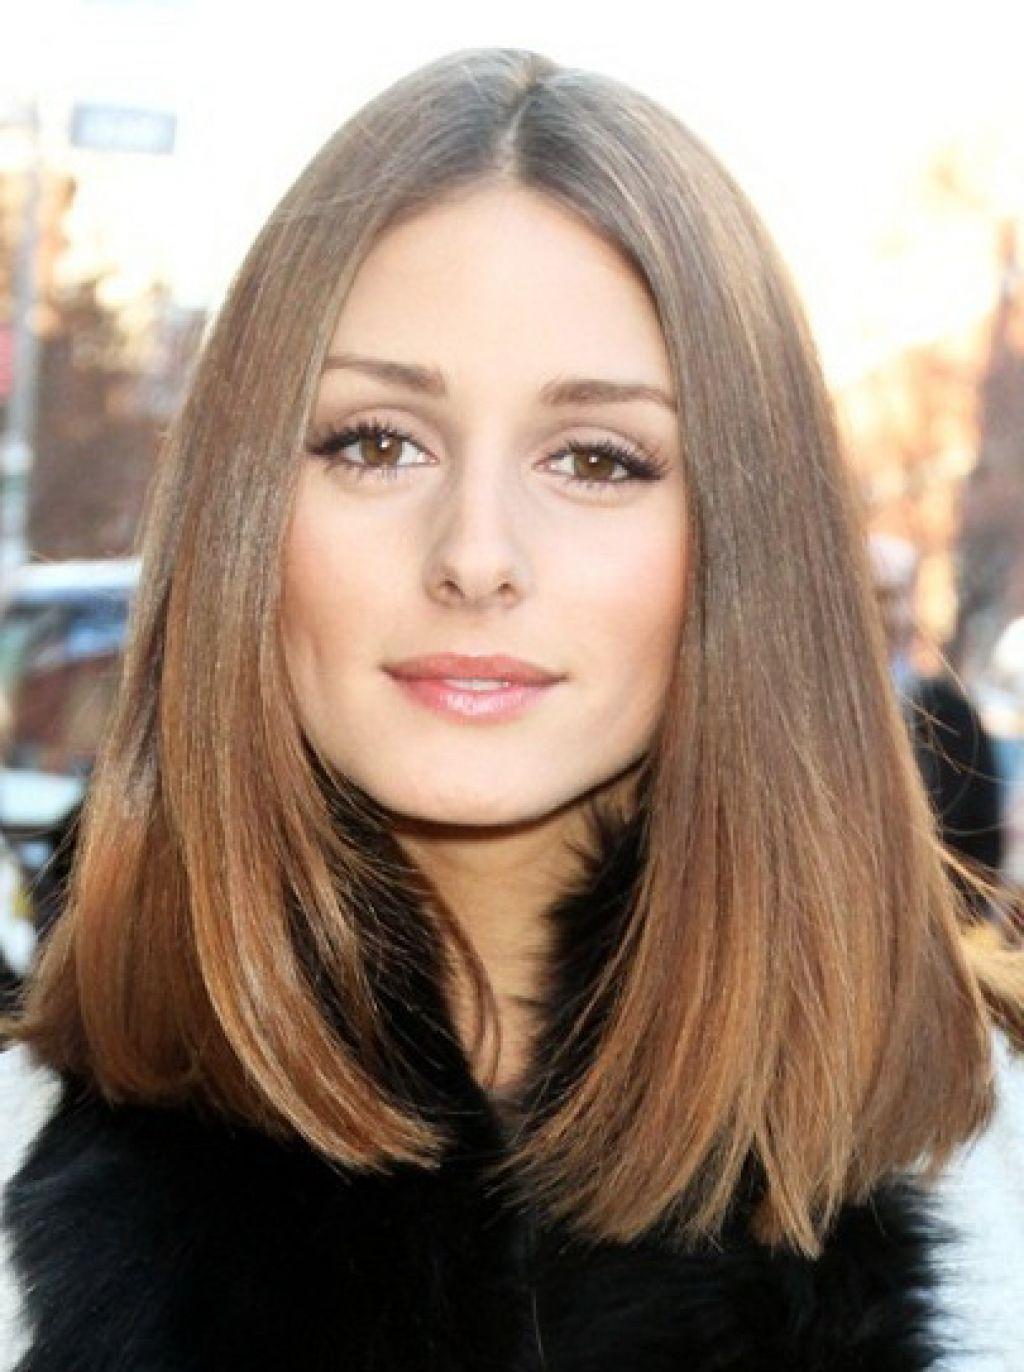 Прически на средние волосы - стильное каре или боб - фото новинки сезона